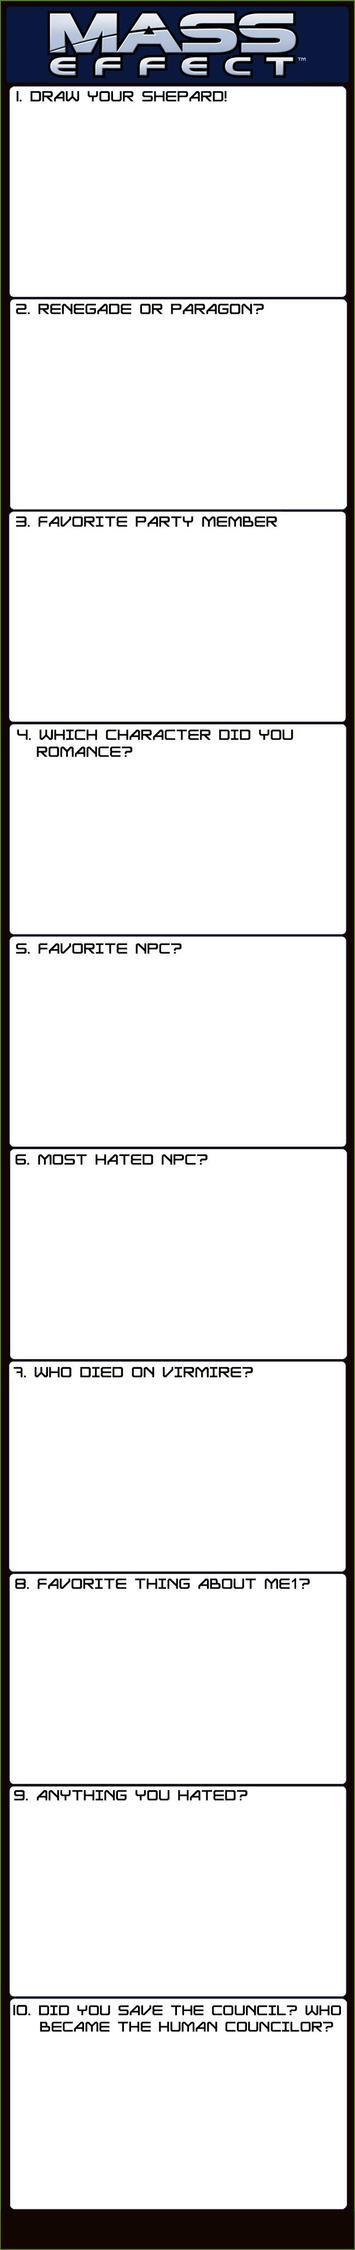 Mass Effect Meme blank by Alvadea